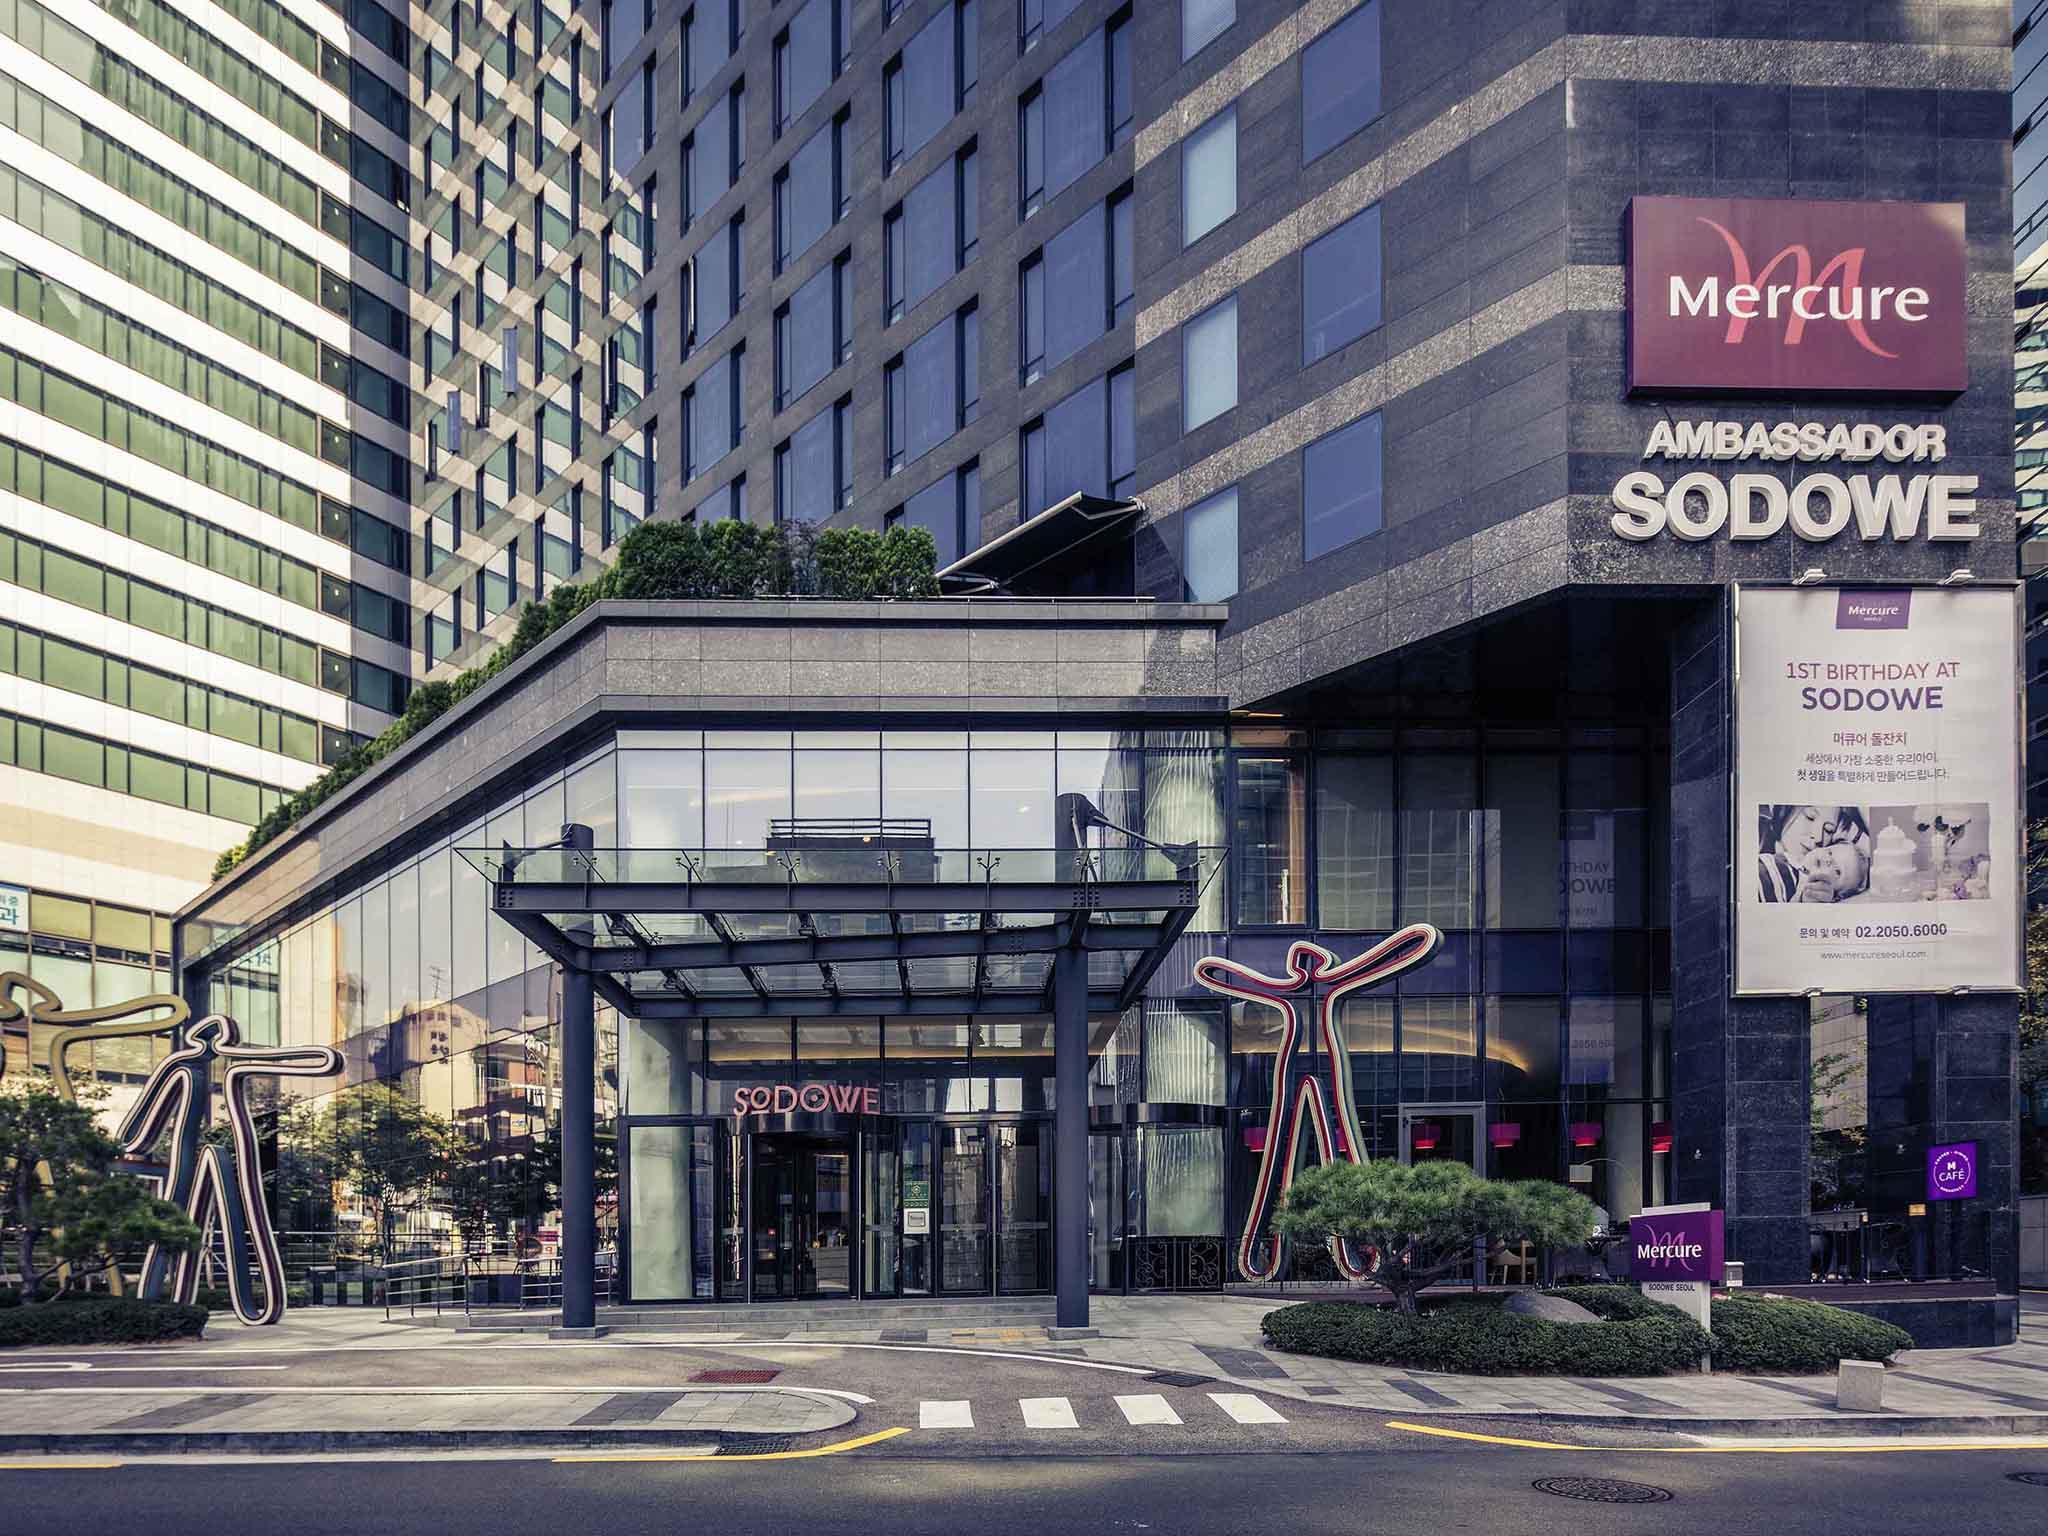 ホテル – メルキュール アンバサダー ソウル 江南 ソドベ